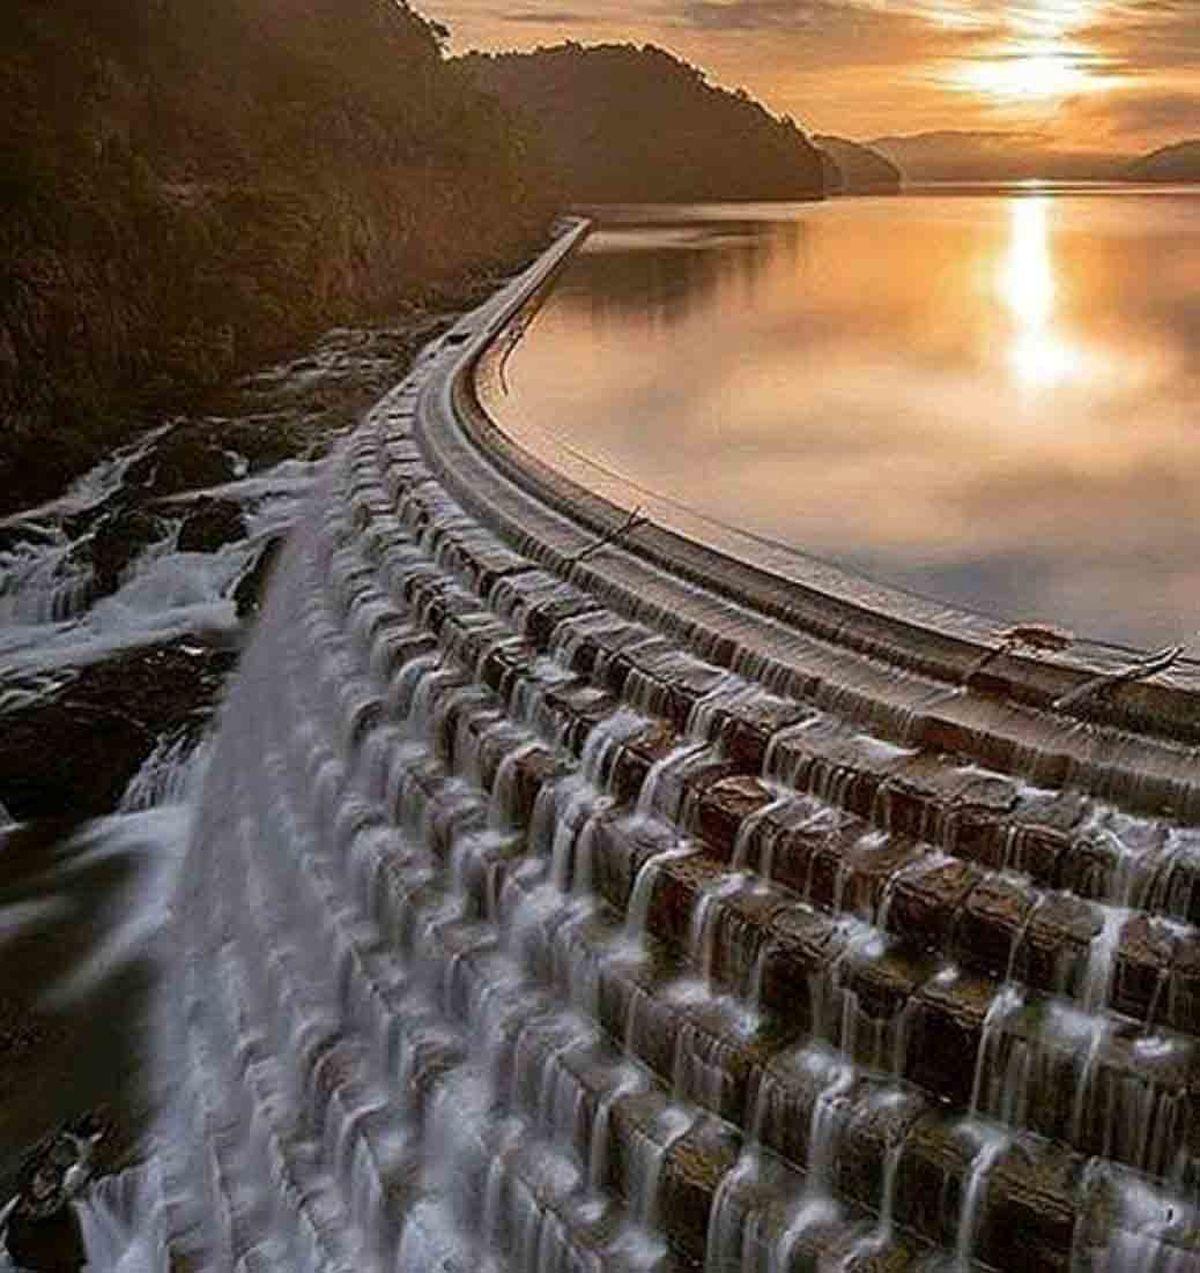 تصویر زیباترین تاج و دریاچه سد جهان